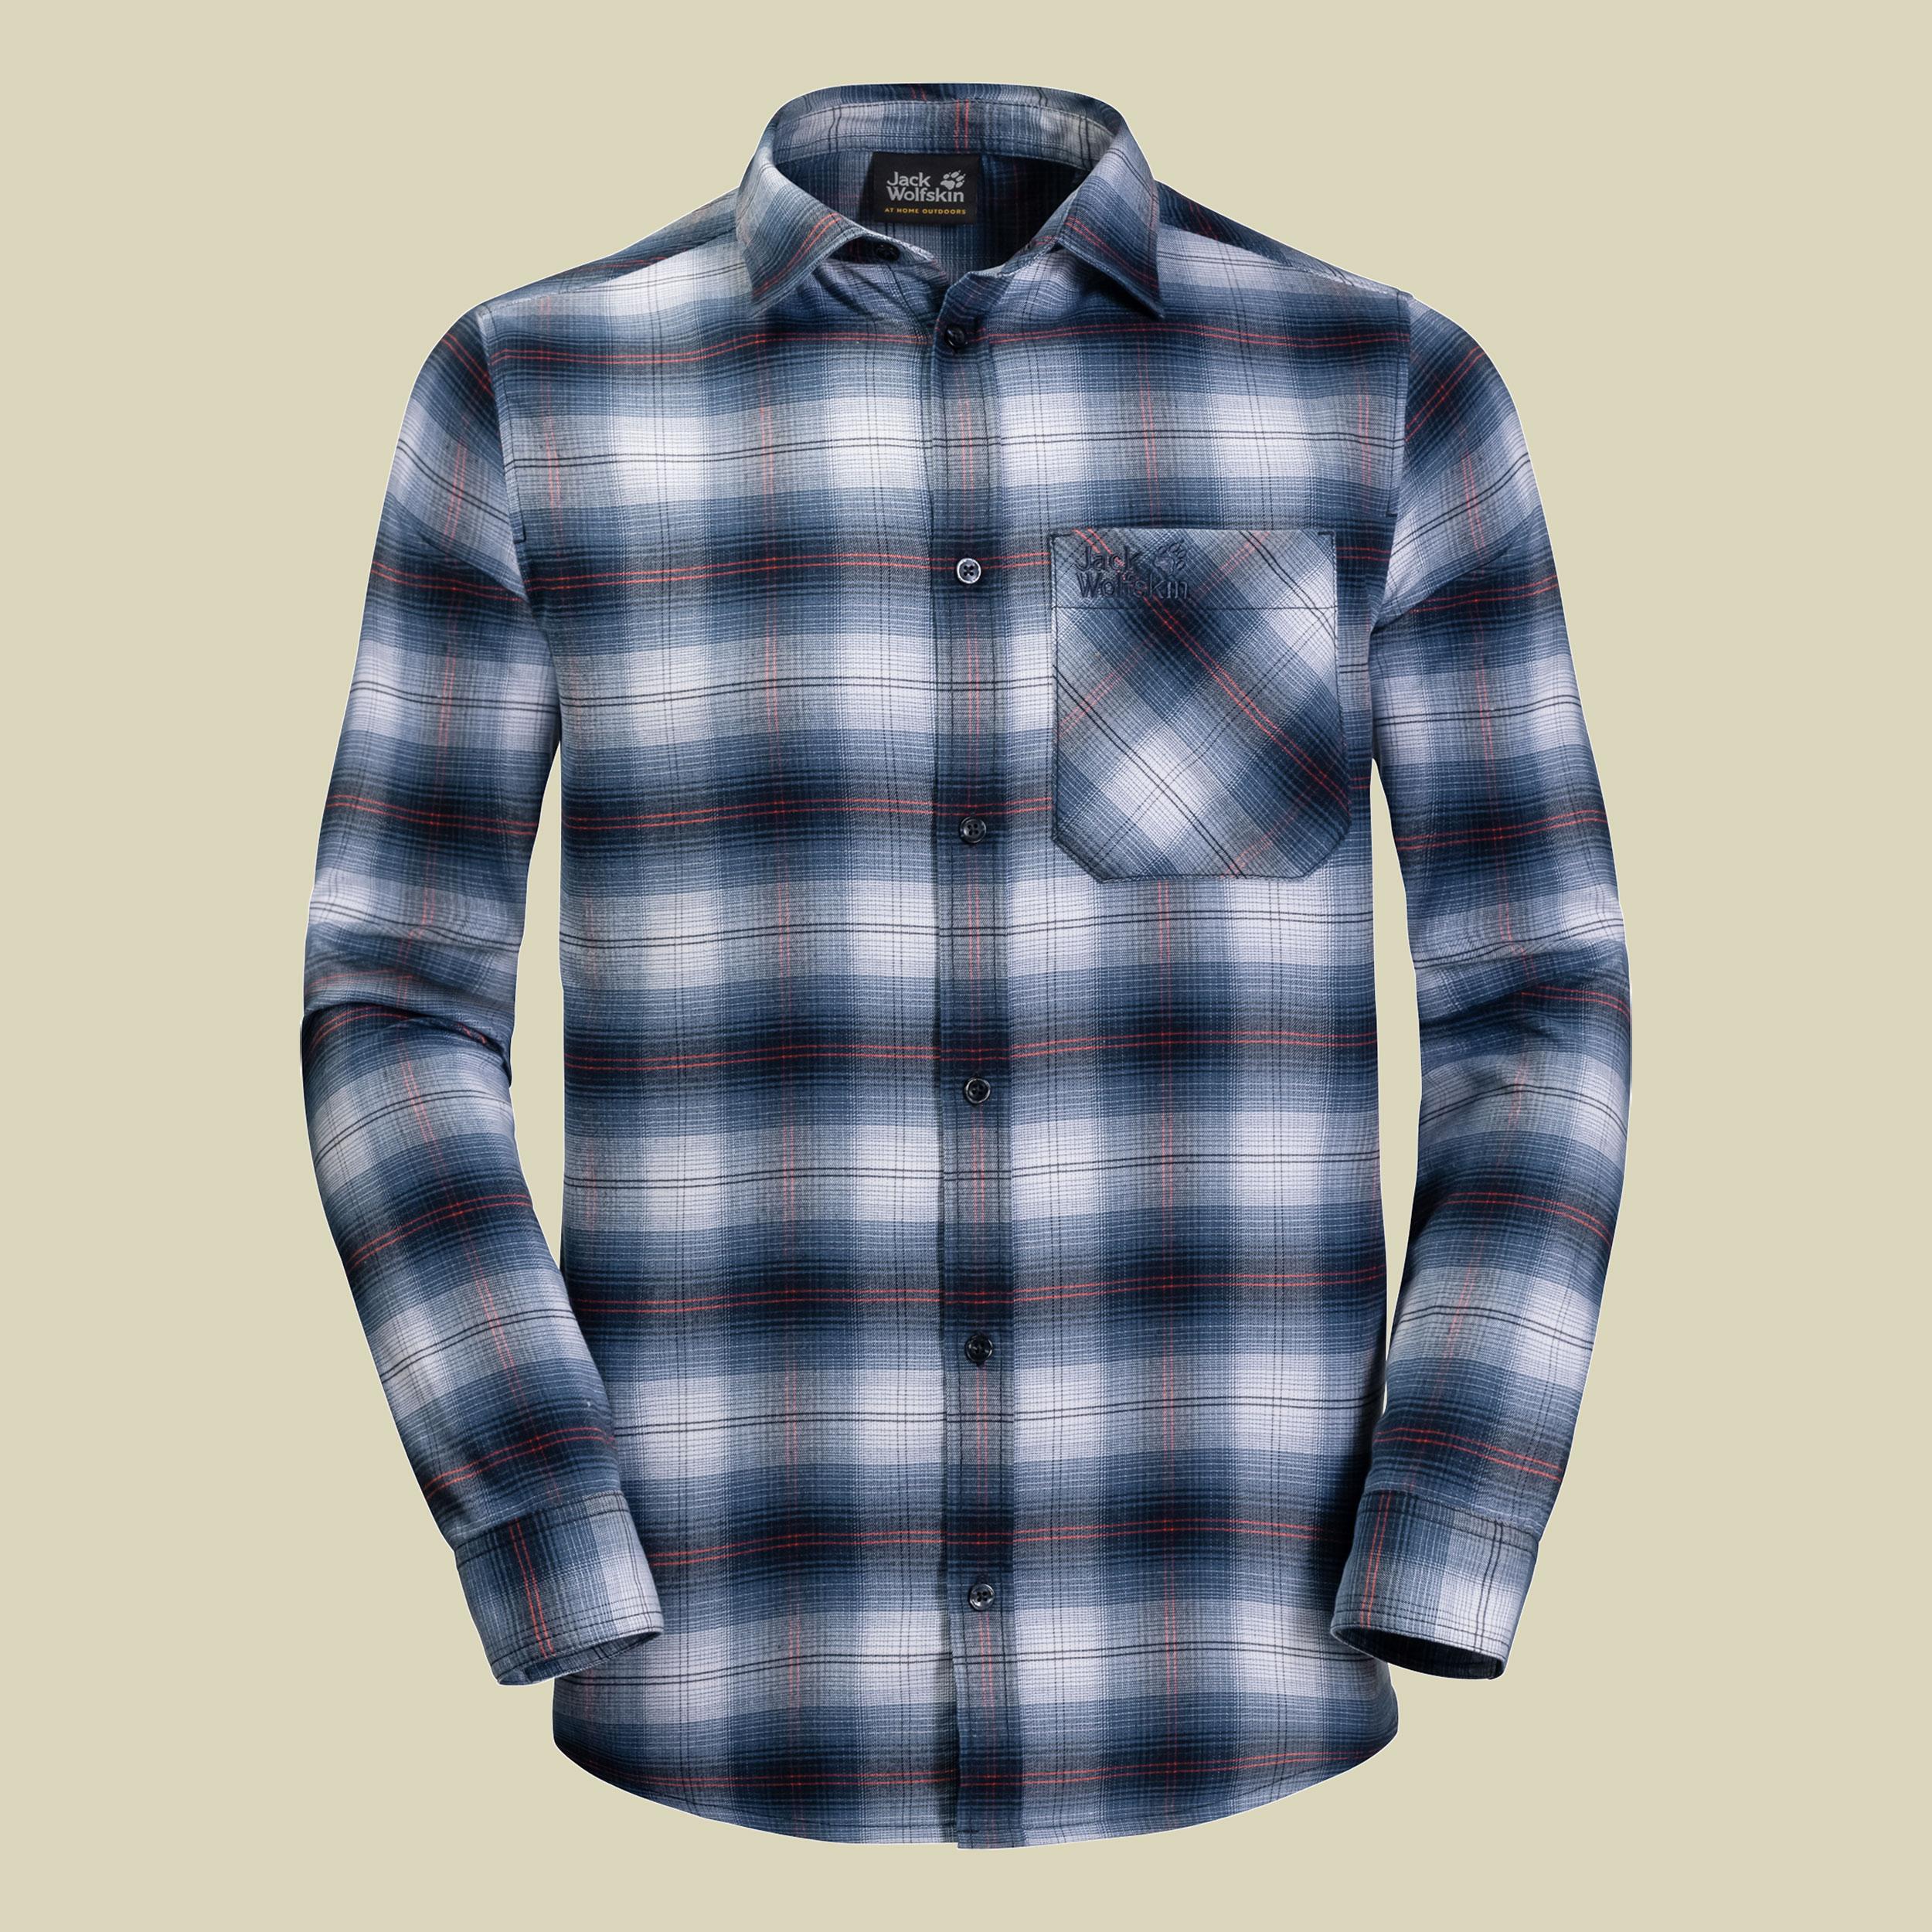 Jack Wolfskin Light Valley Shirt Men Herren Flanellhemd Größe S night blue checks